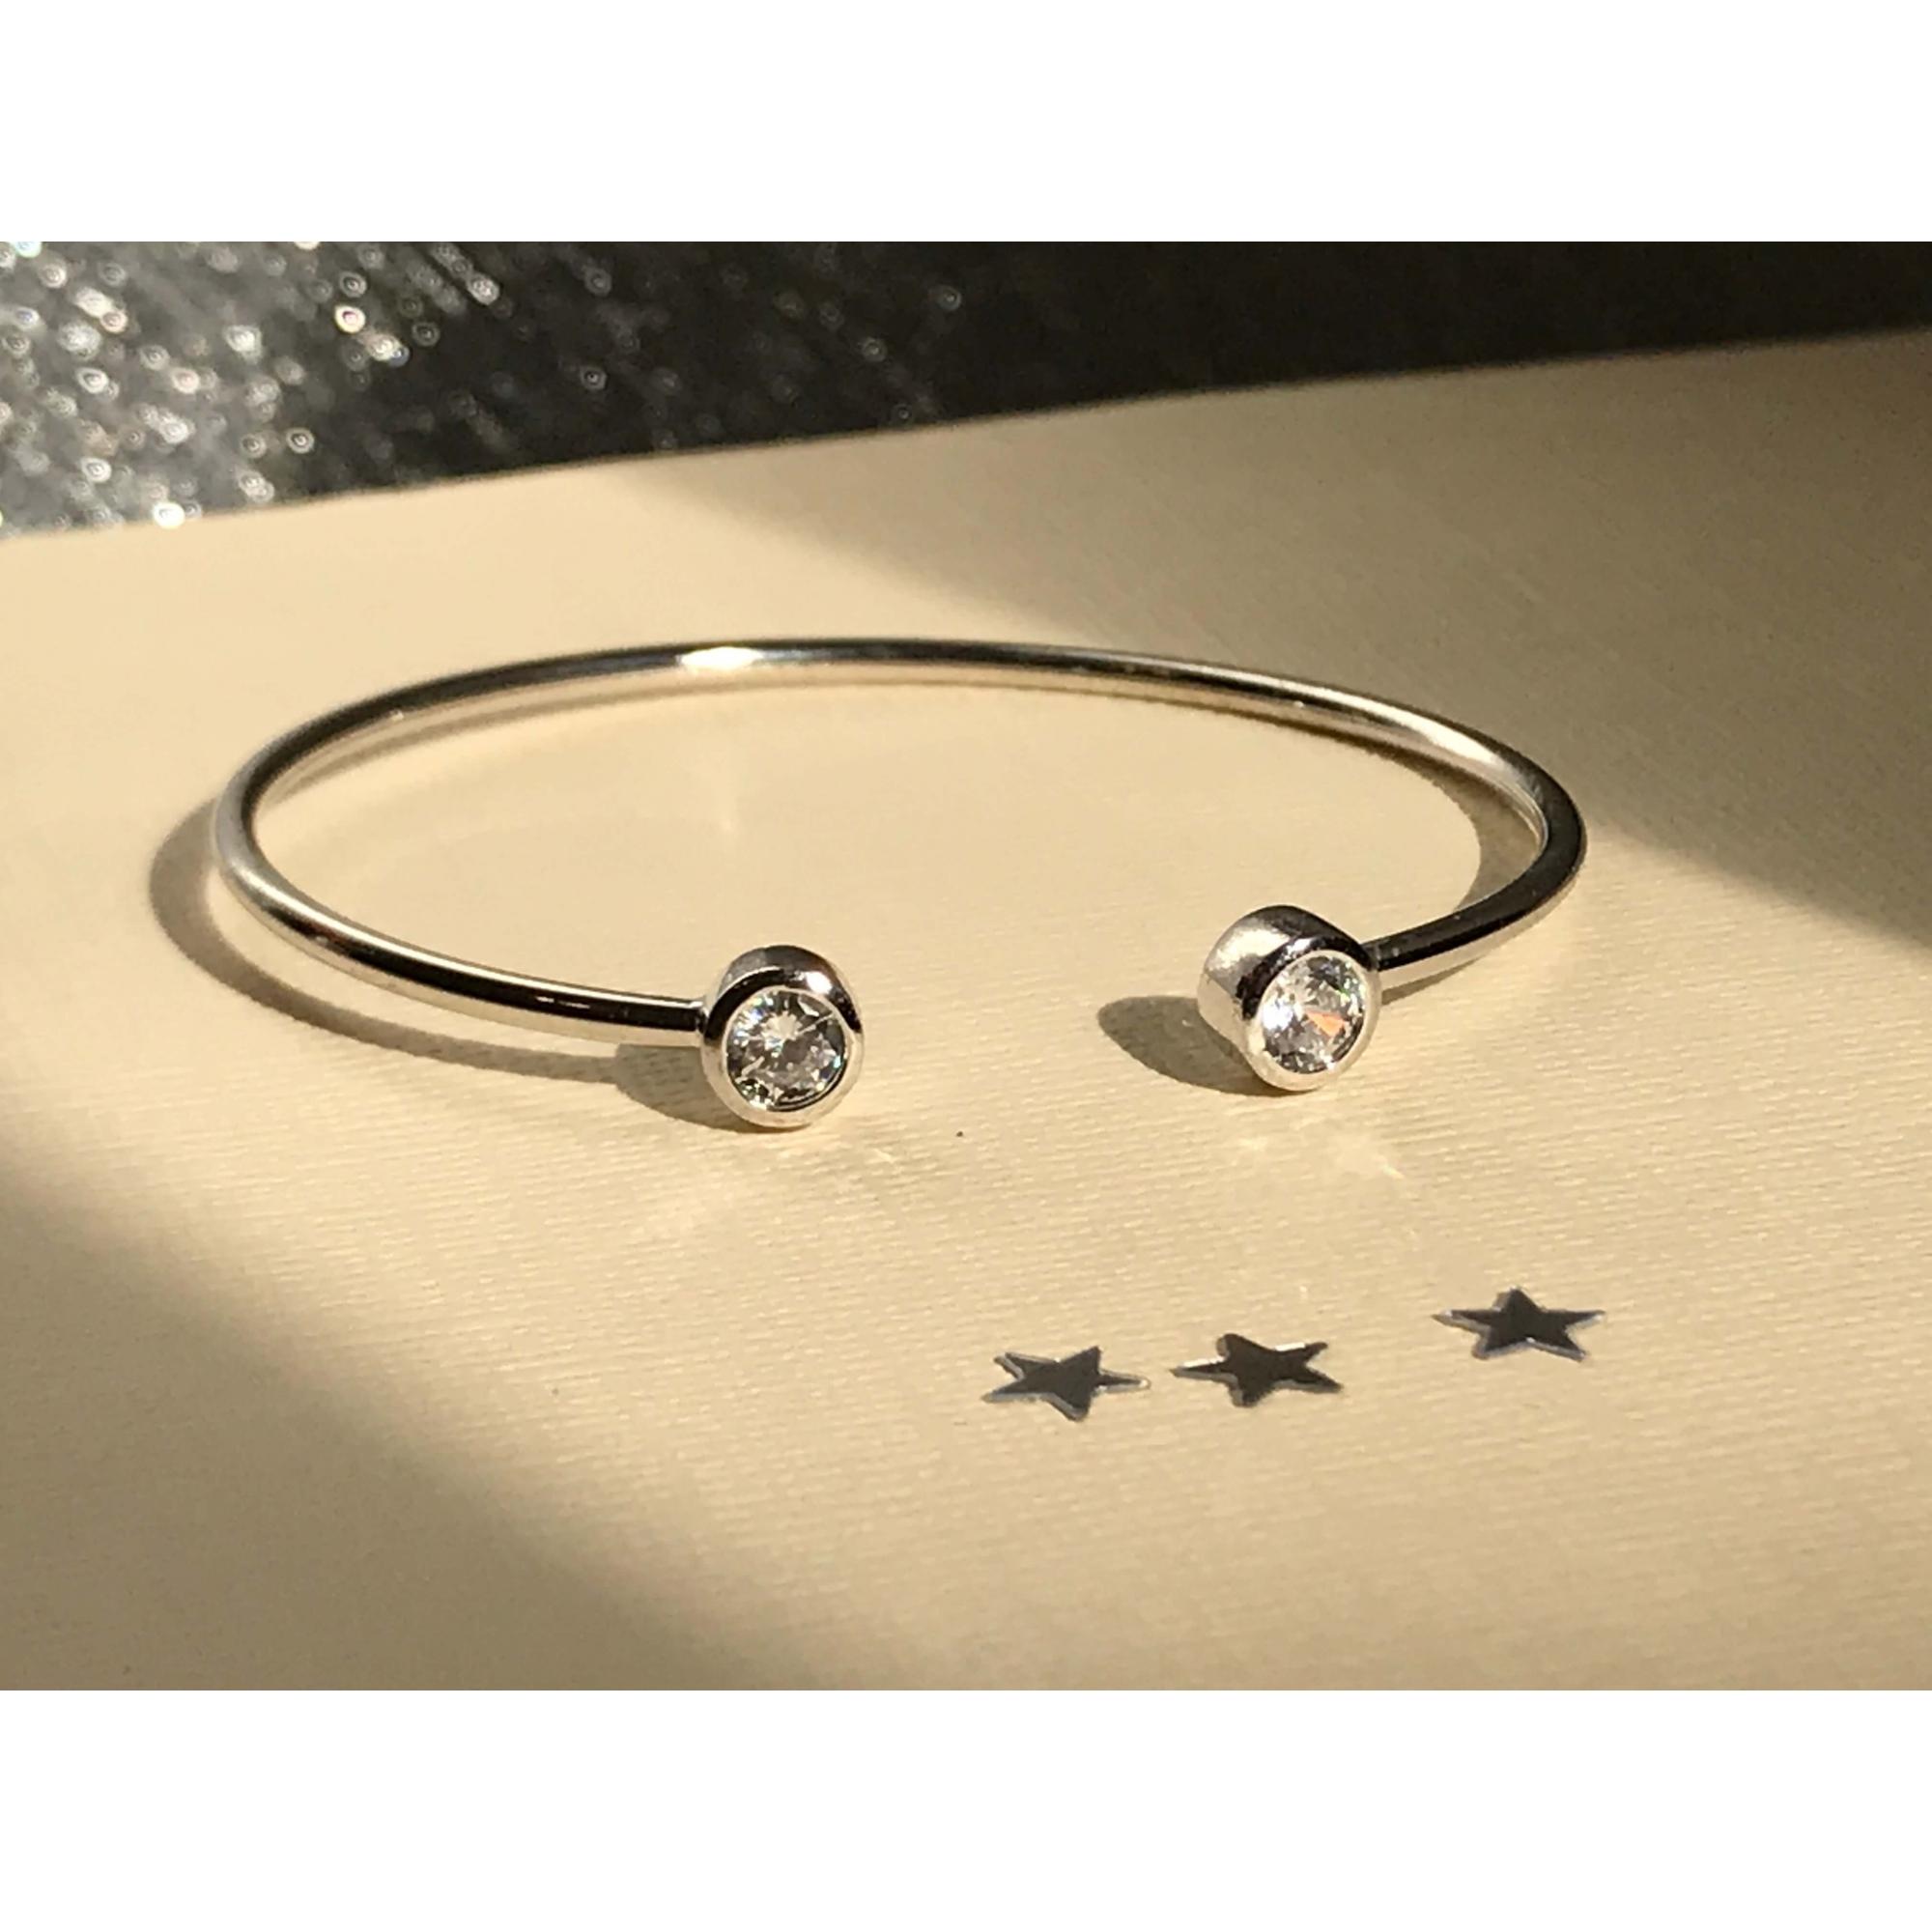 Bracelete Com Zirconias Doris banhado em ródio